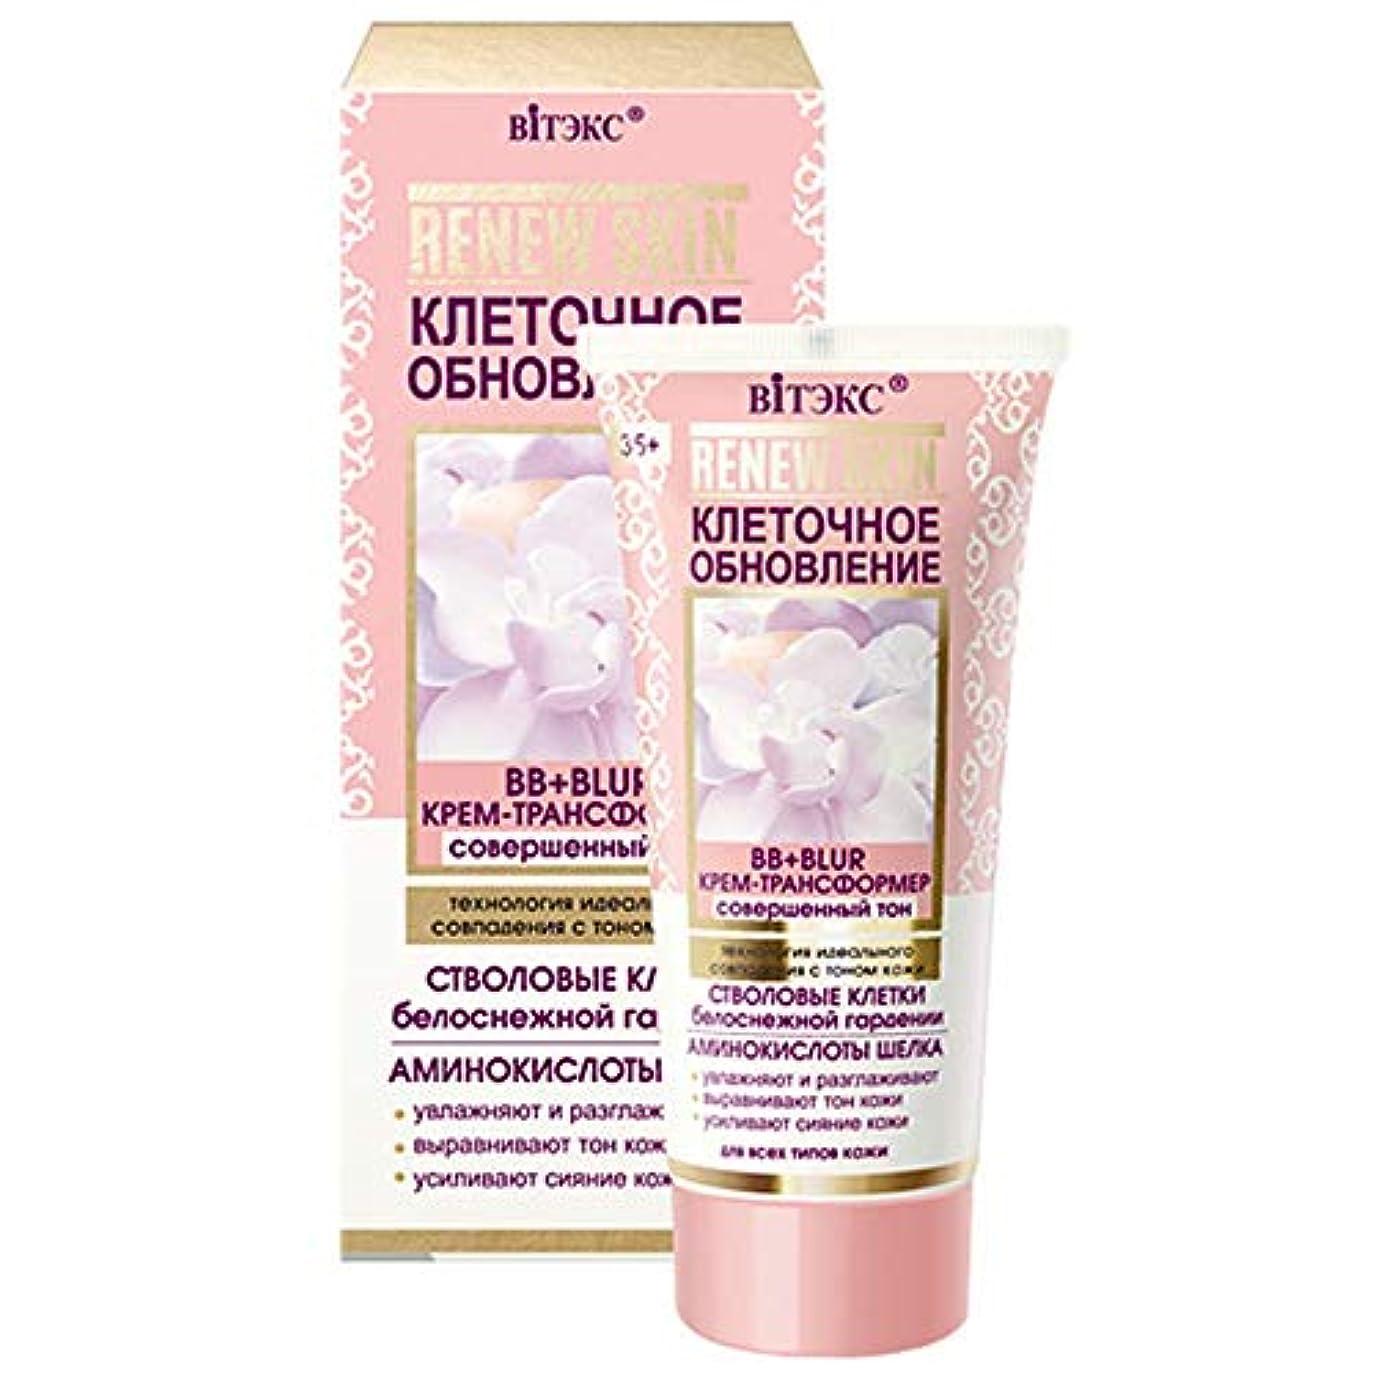 危険なのど何よりもBielita & Vitex | RENEW SKIN | BB + BLUR CREAM-TRANSFORMER | Perfect tone technology of perfect match with skin...